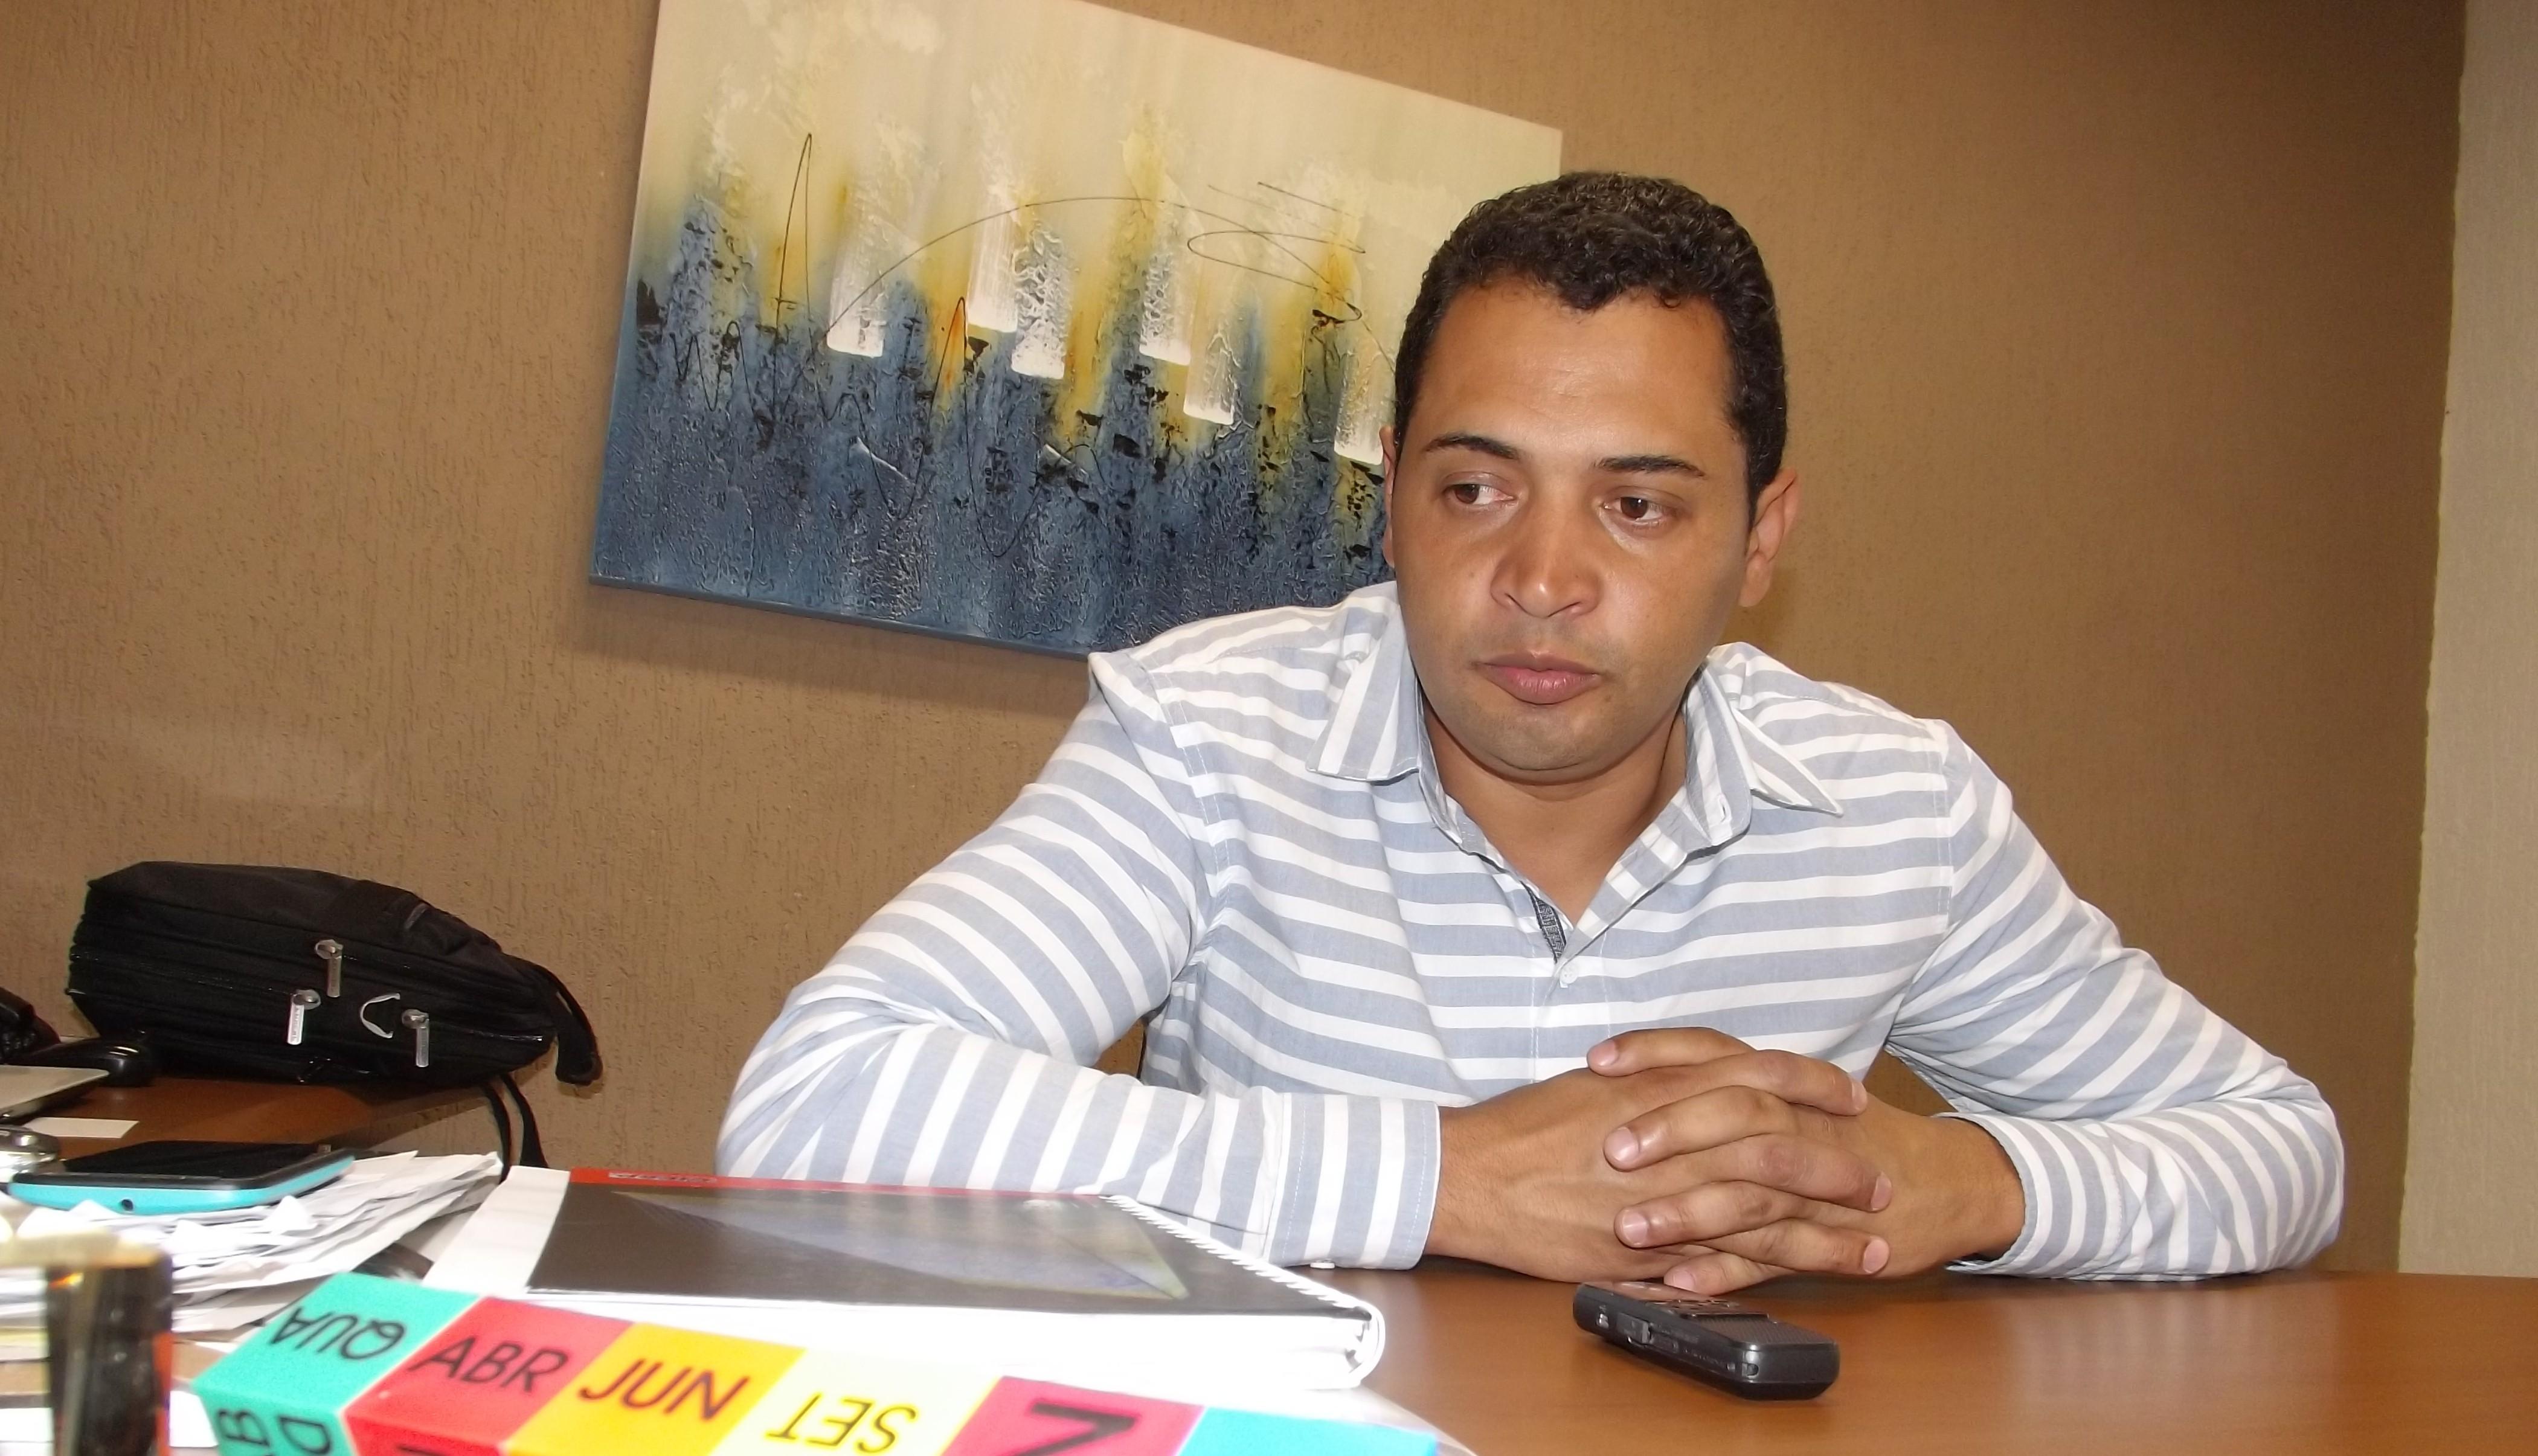 O prefeito Lucemir Amaral, que assinou junto ao governador a ordem de serviço para casas em Canas (Arquivo Atos)